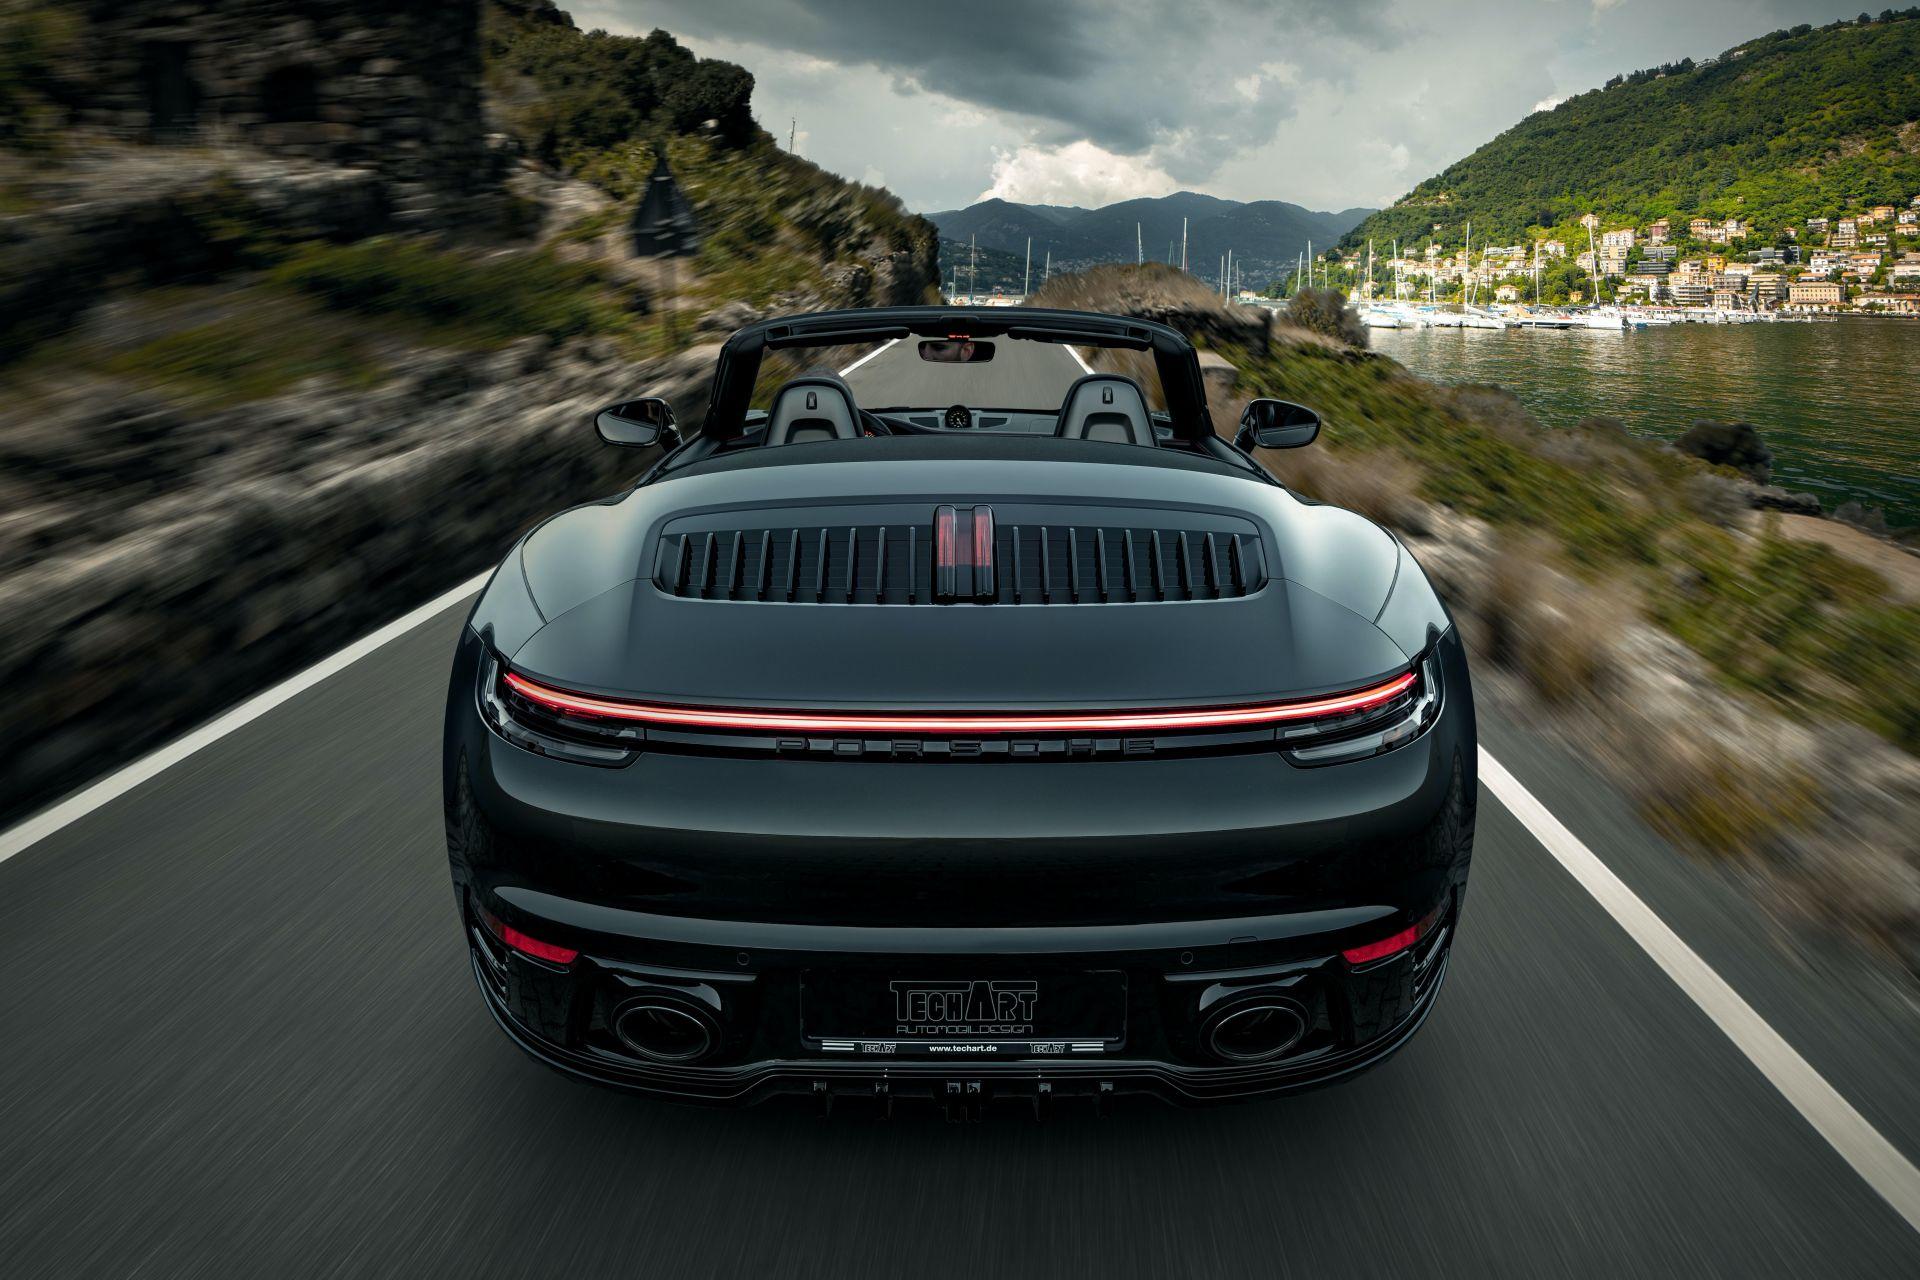 2020_Porsche_911_by_TechArt_0002